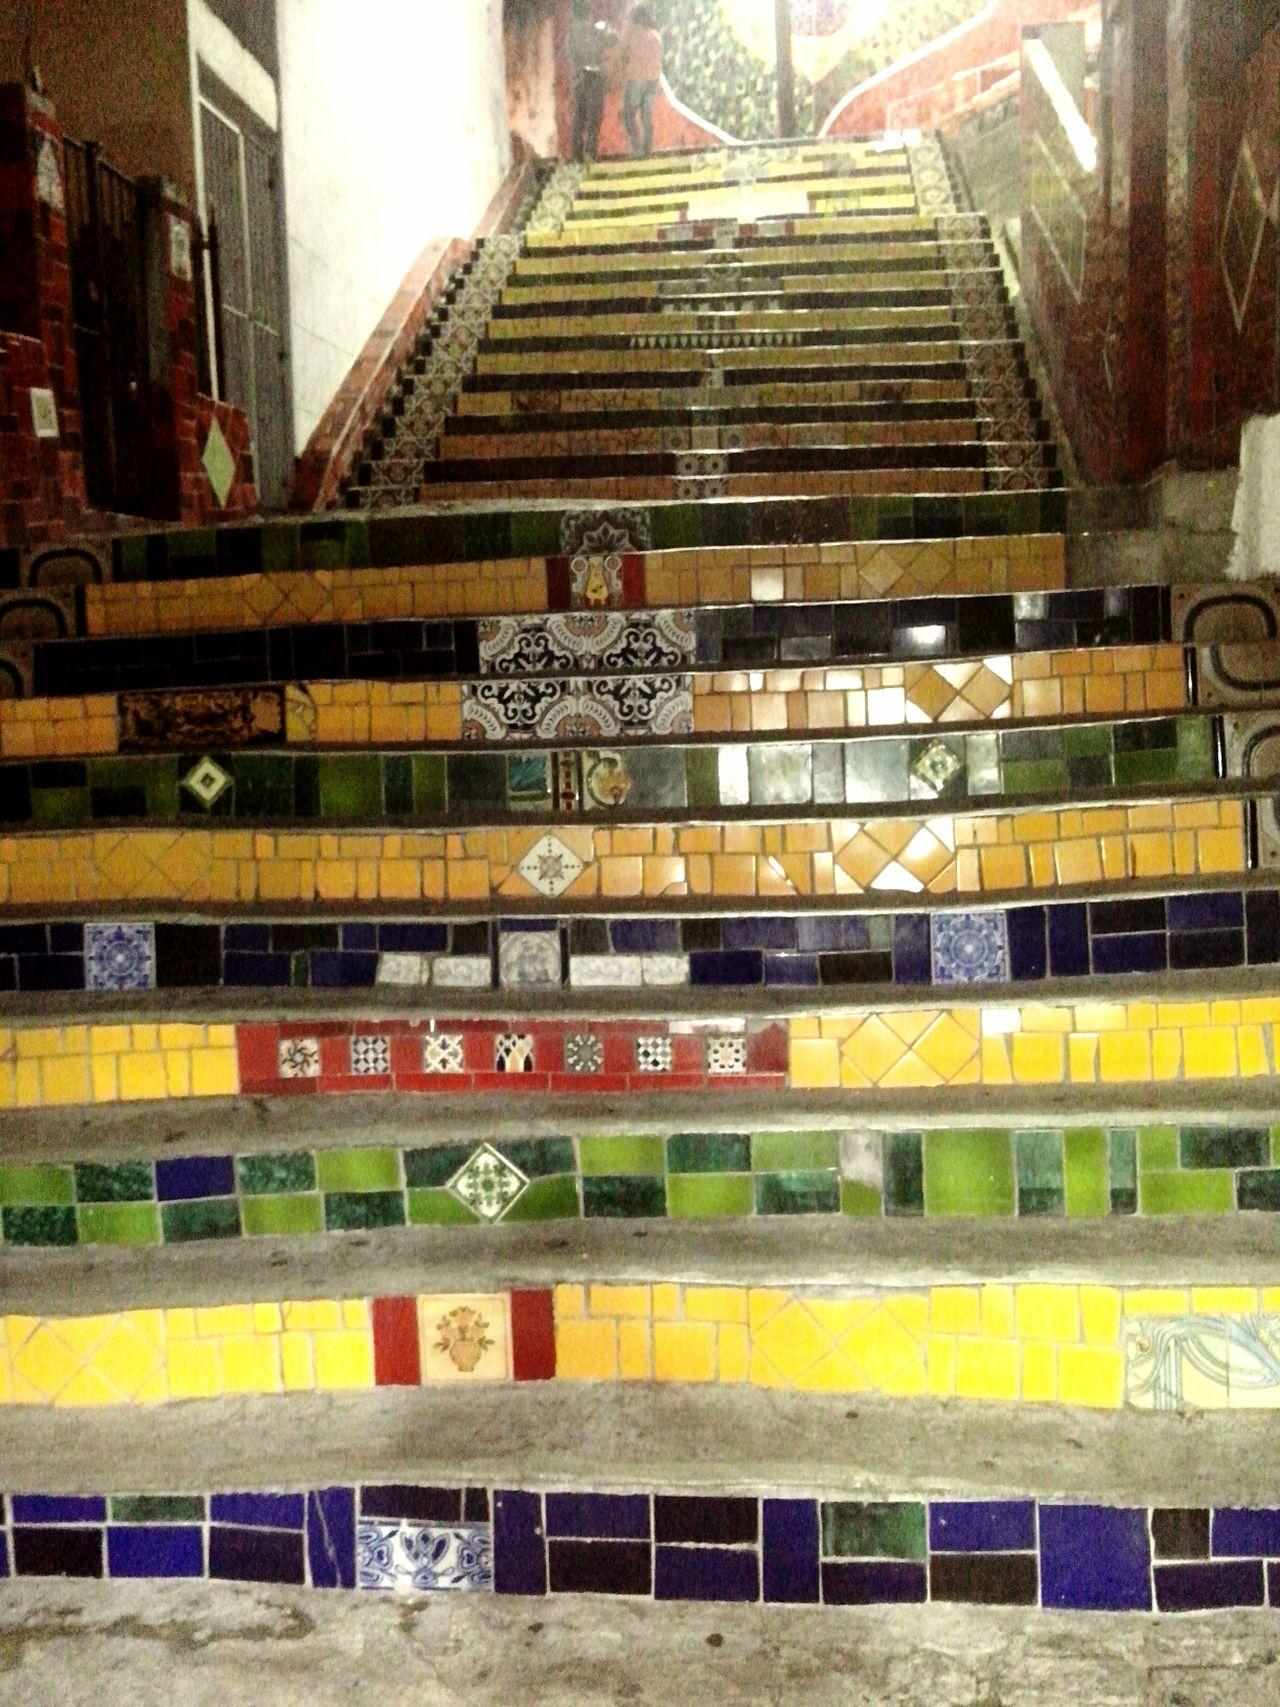 Art Escada Colorida Fantastic Exhibition Taking Photos Hello World Photography RJ 021 WOW